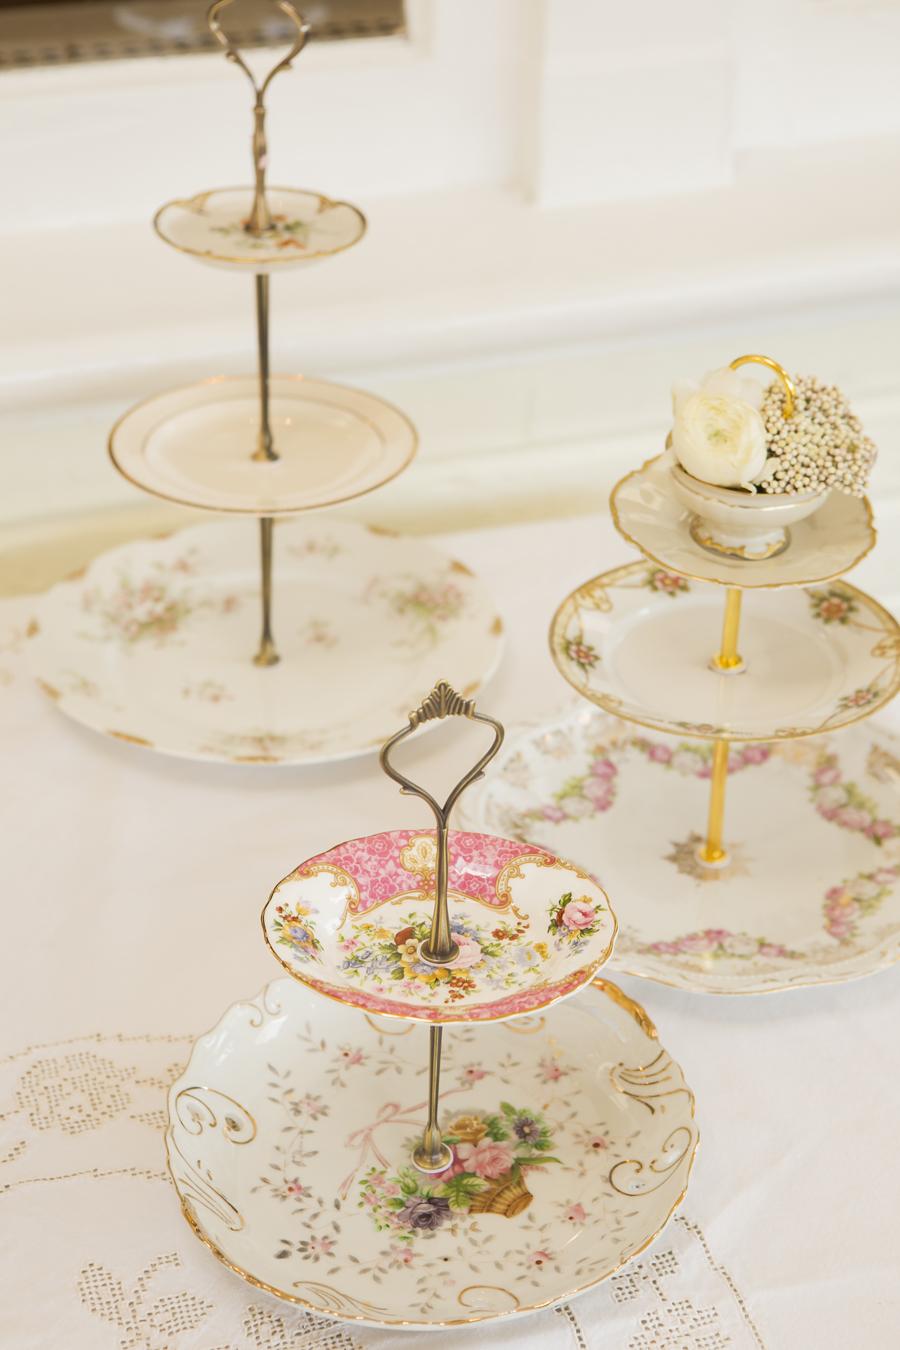 3 Vintage Etageren aus exquisitem Porzellan und Blumen auf einer Tafel. Maggies Etageres